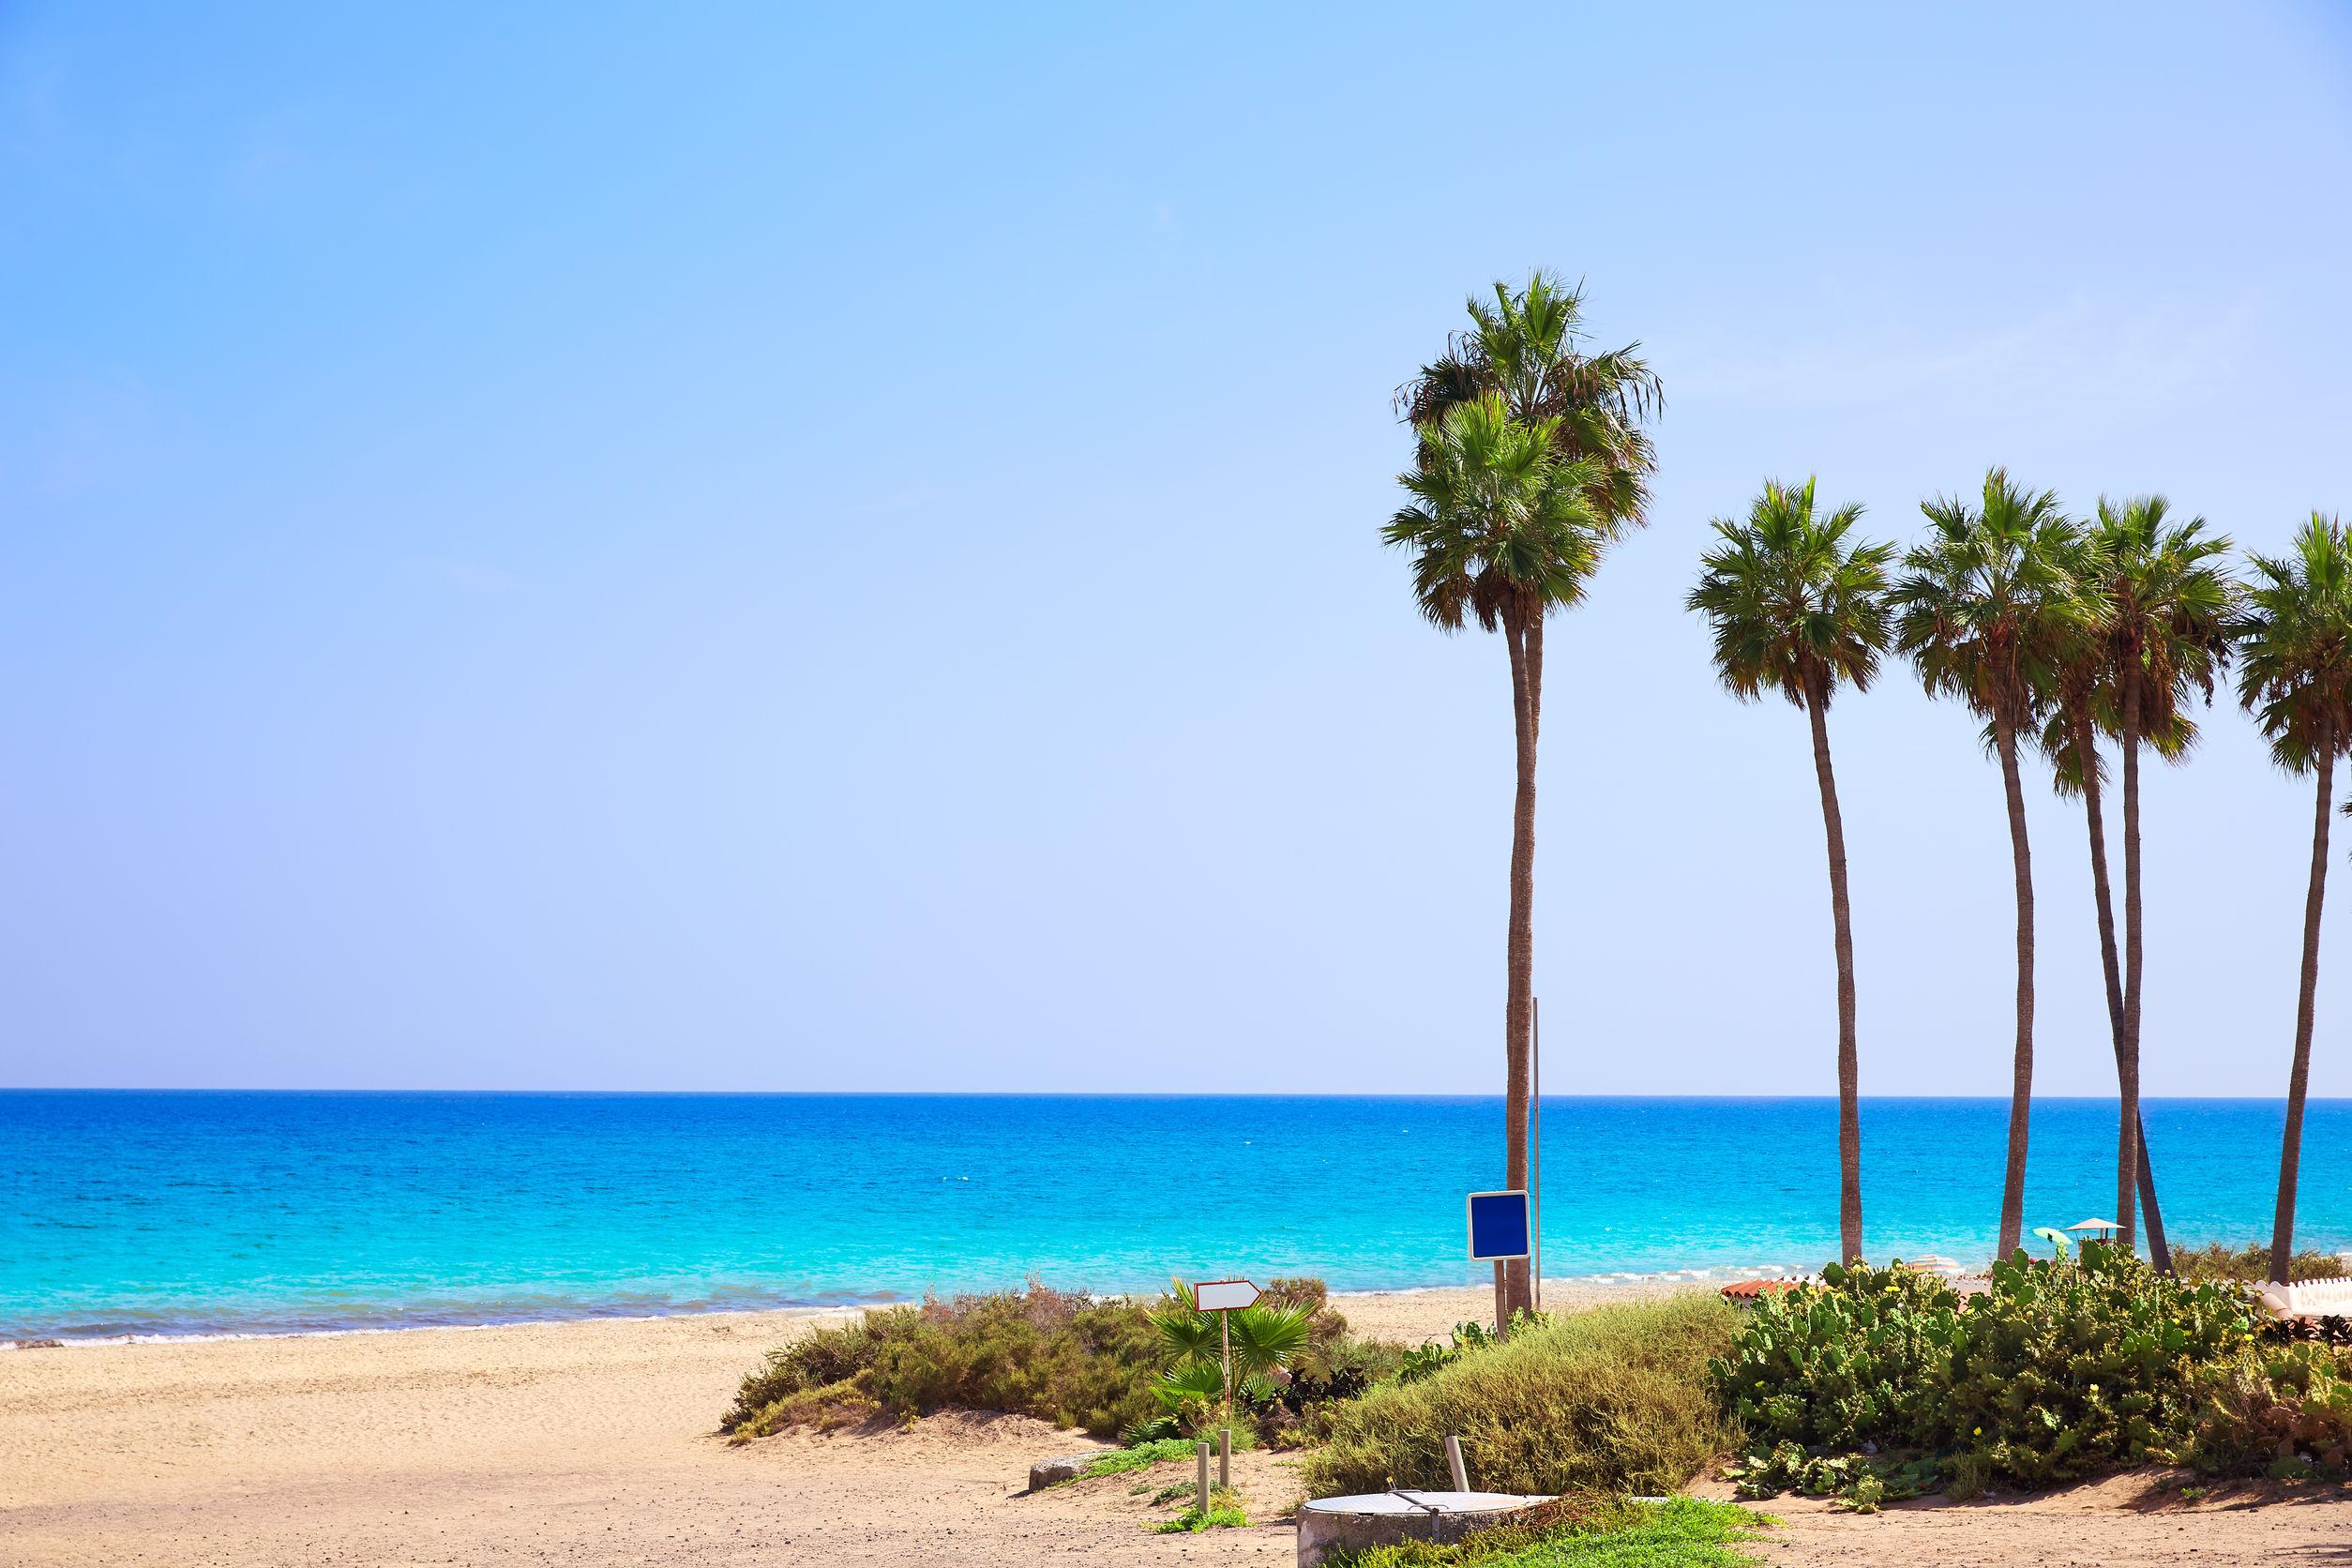 Plage Costa Calma Fuerteventura